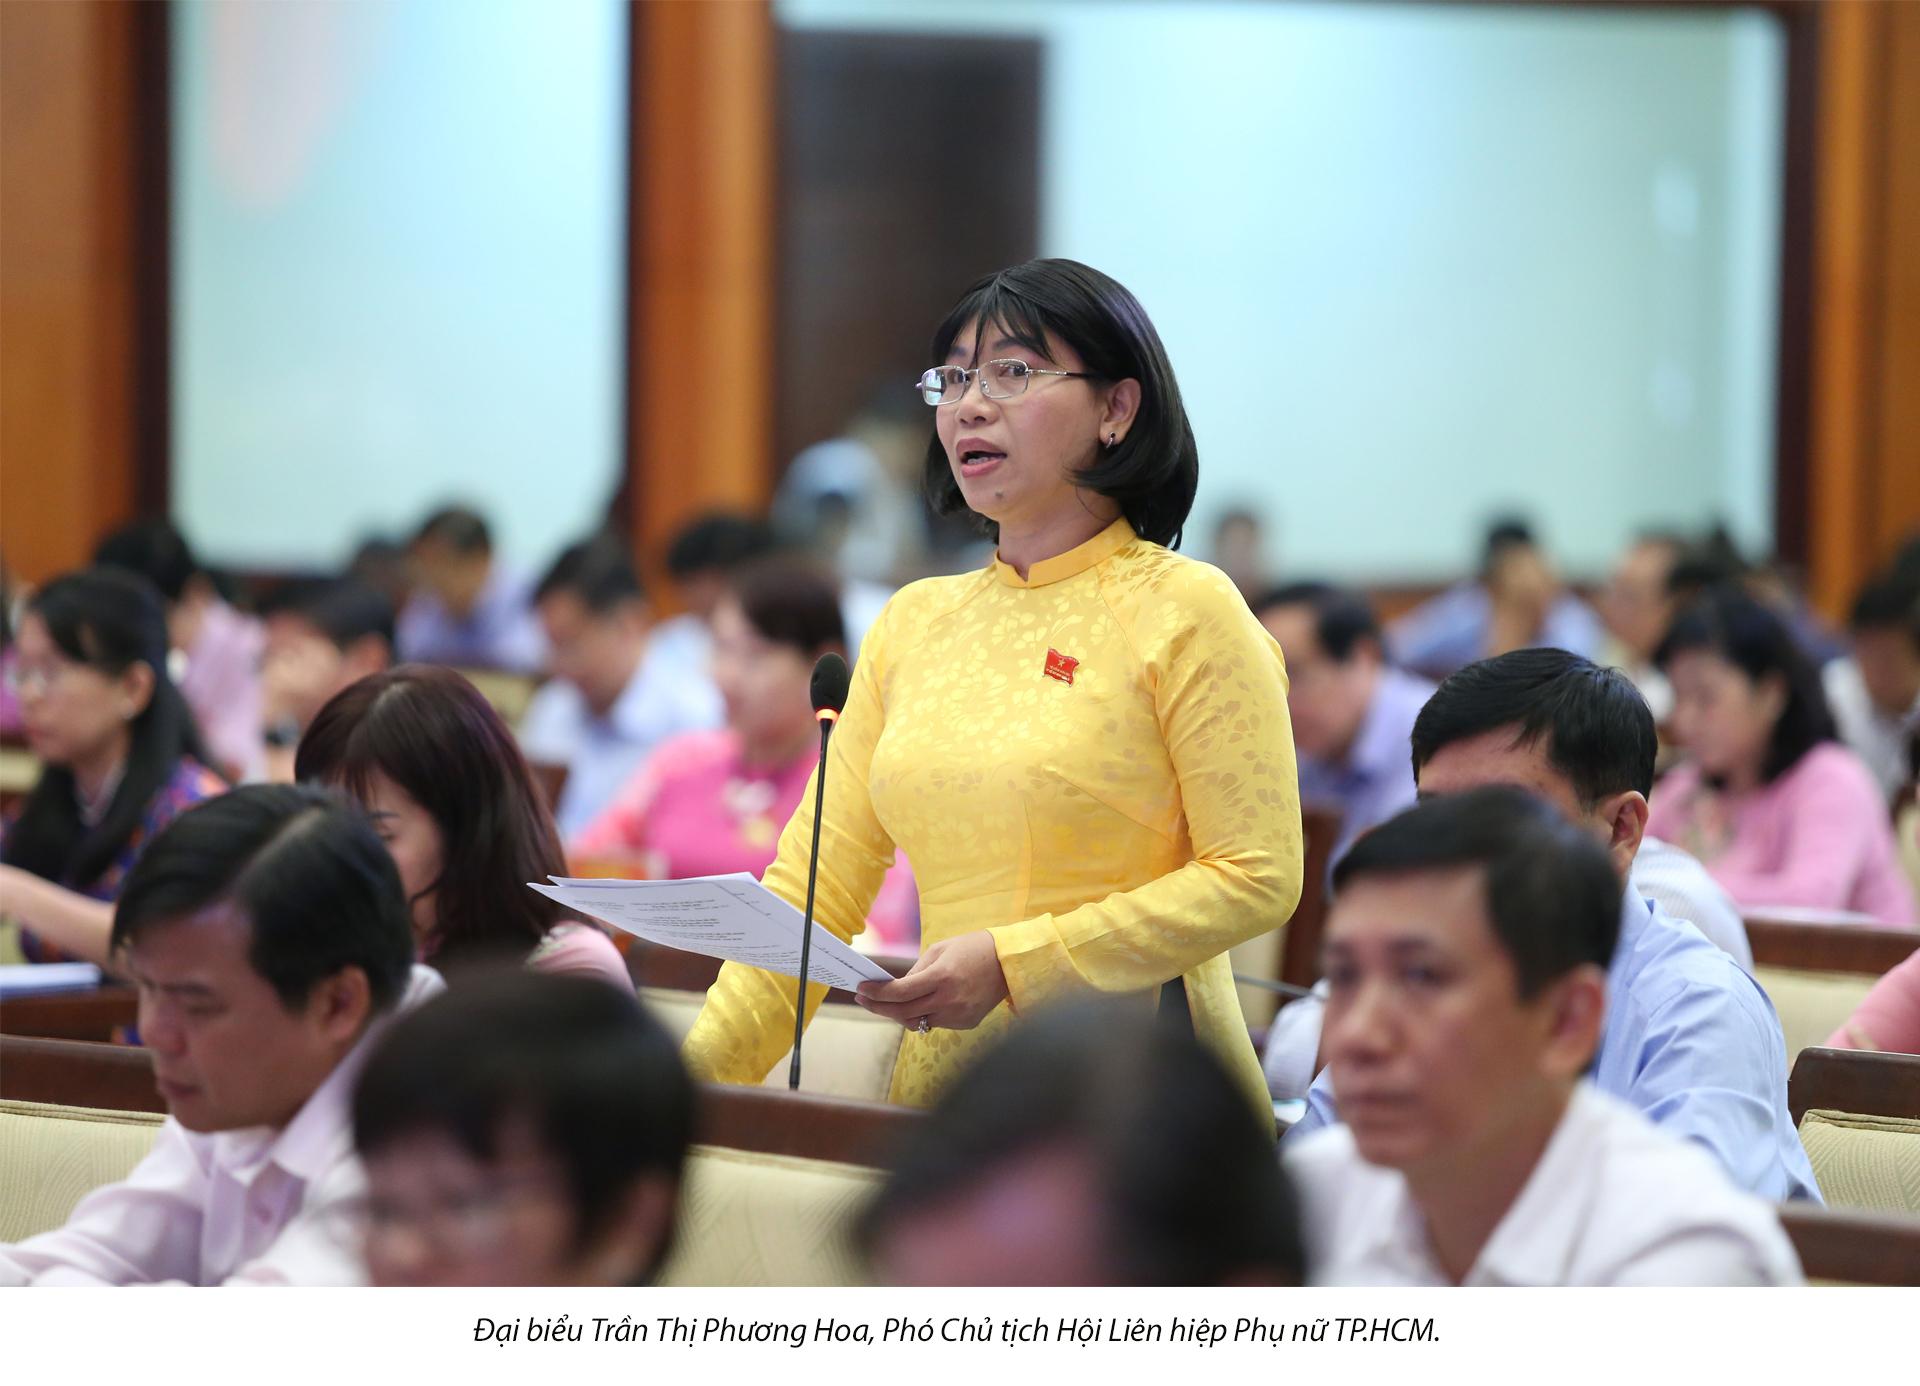 Emagazine: HĐND TP.HCM và 5 dấu ấn của nhiệm kỳ 2016-2021 - ảnh 25